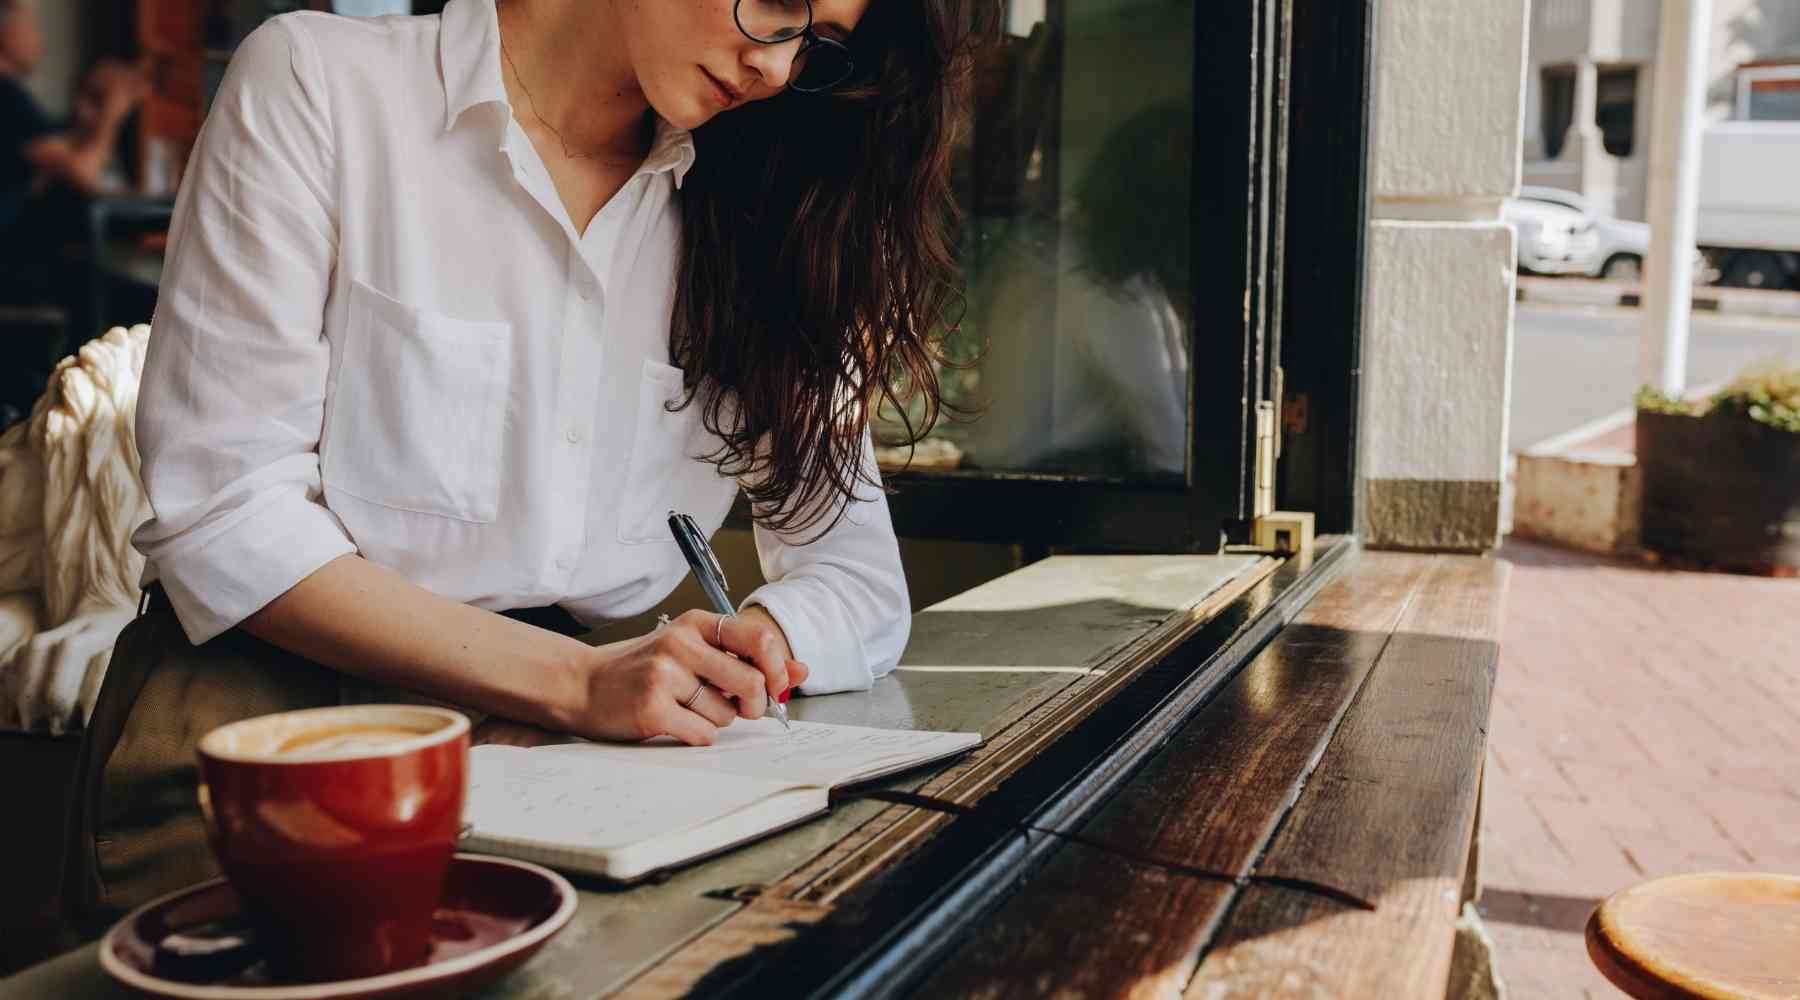 Best Jobs for Retired Teachers - Content Writer